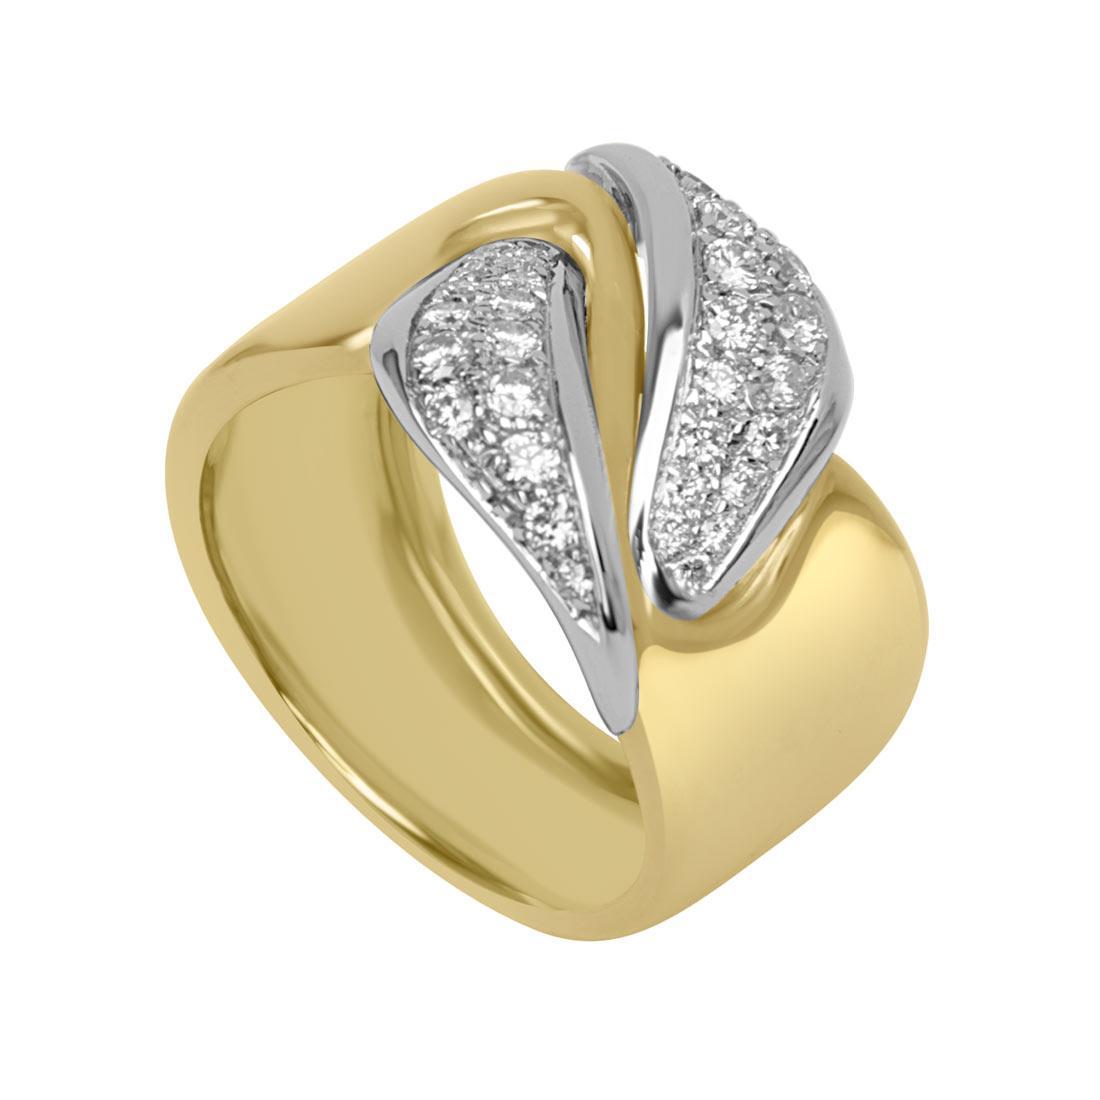 Anello in oro giallo e bianco con pavé di diamanti mis 13 - ORO&CO